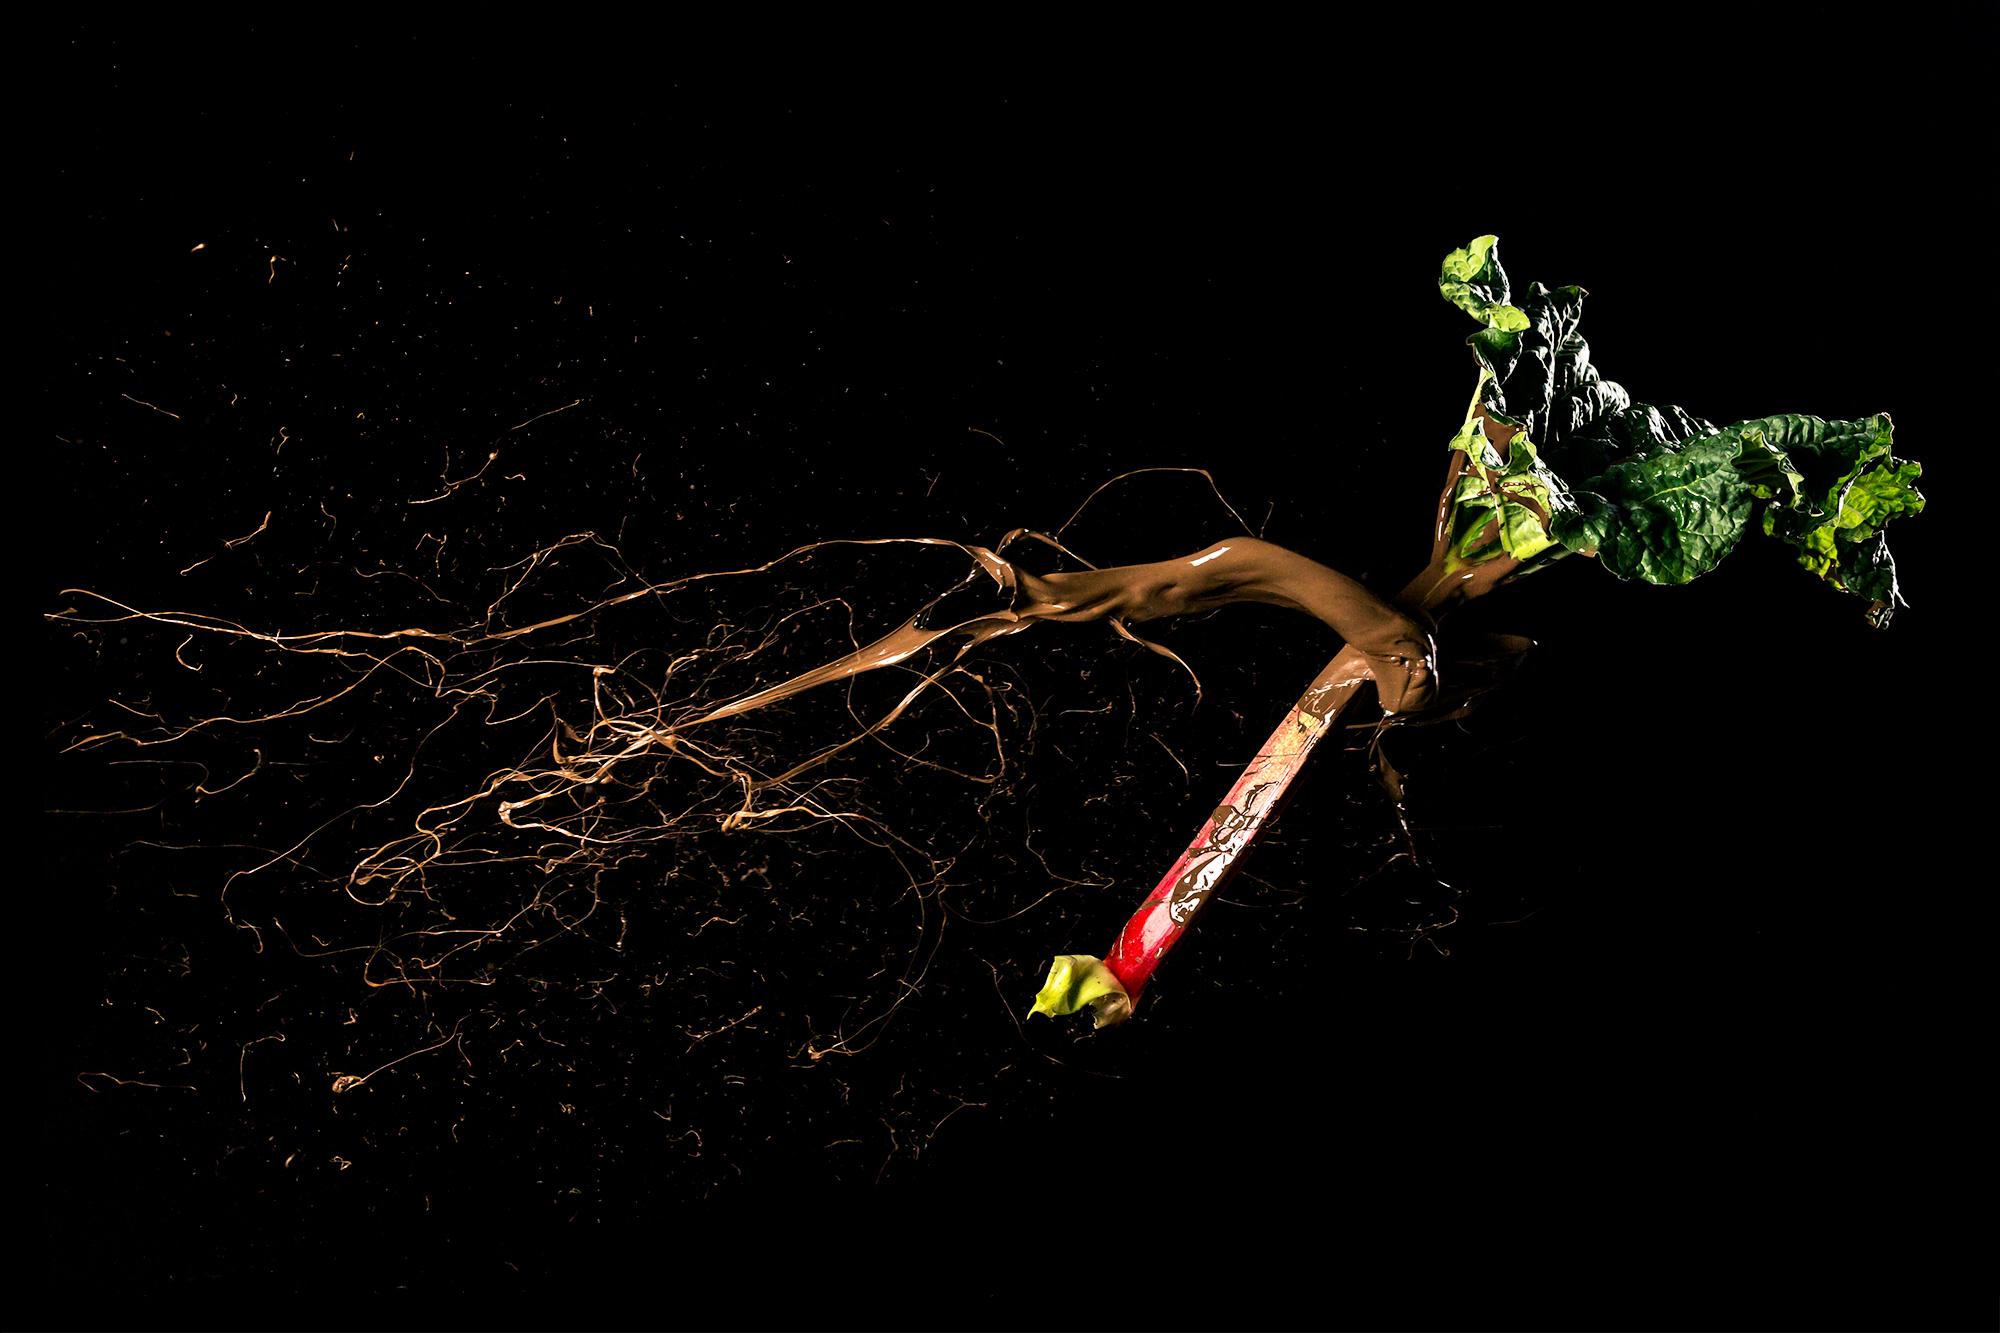 NomNom-Rhubarb.jpg